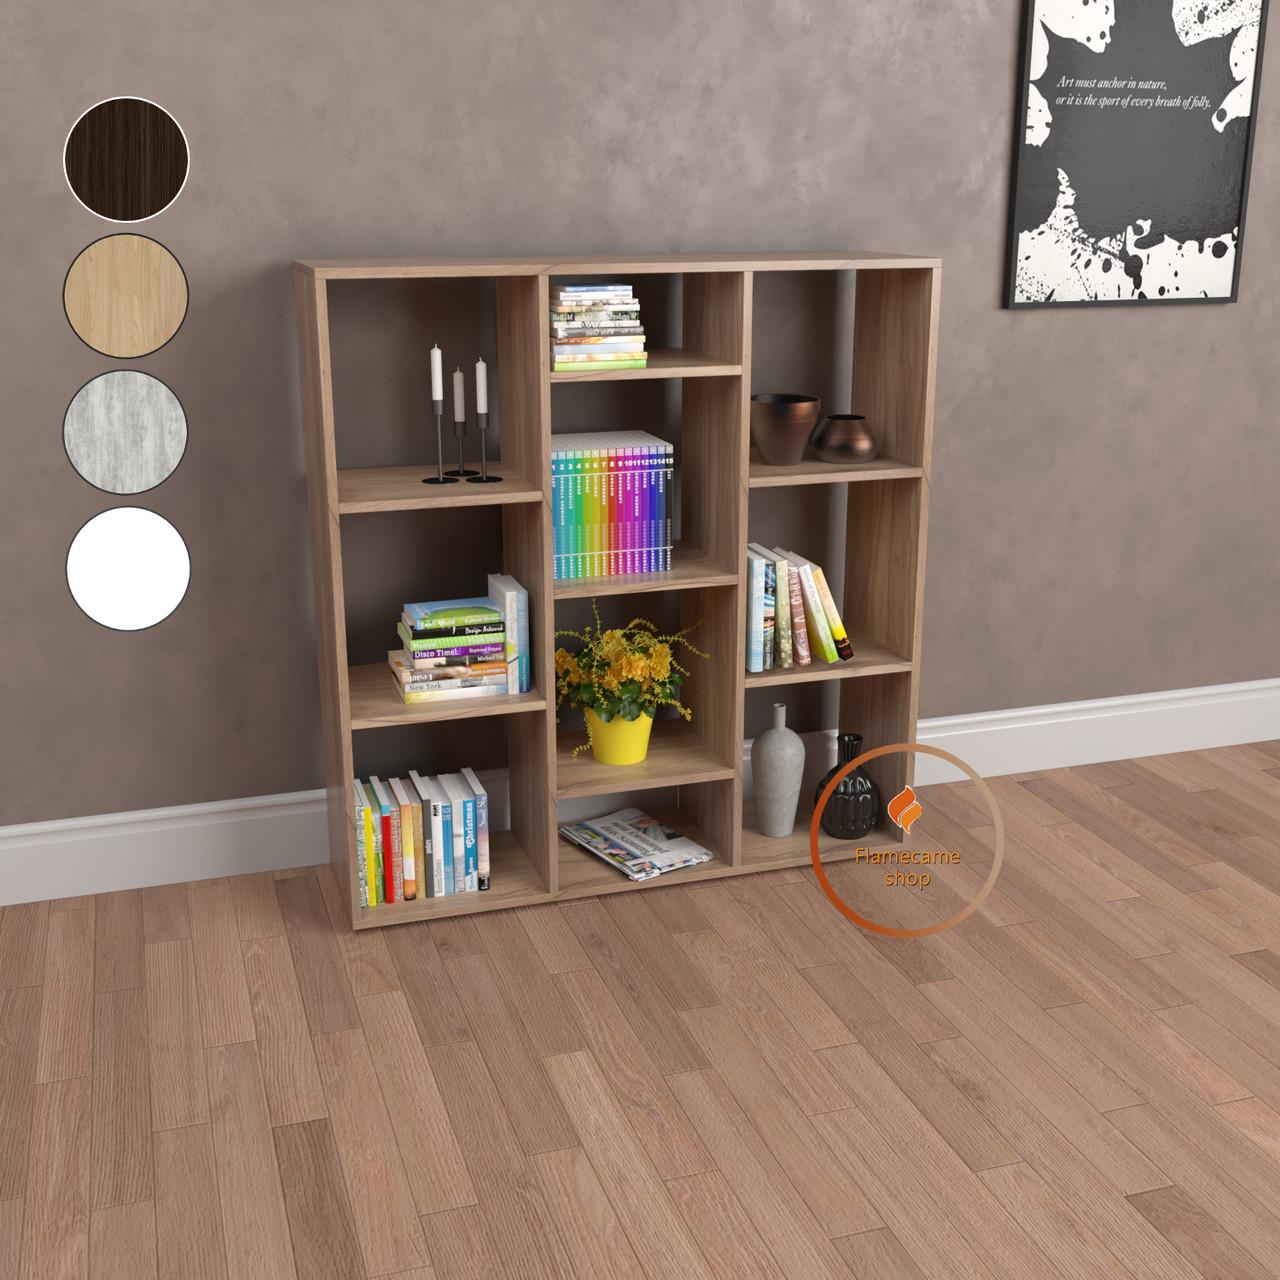 Стеллаж для дома полка для книг этажерка для игрушек на 10 ячеек из ДСП. Код: P0031